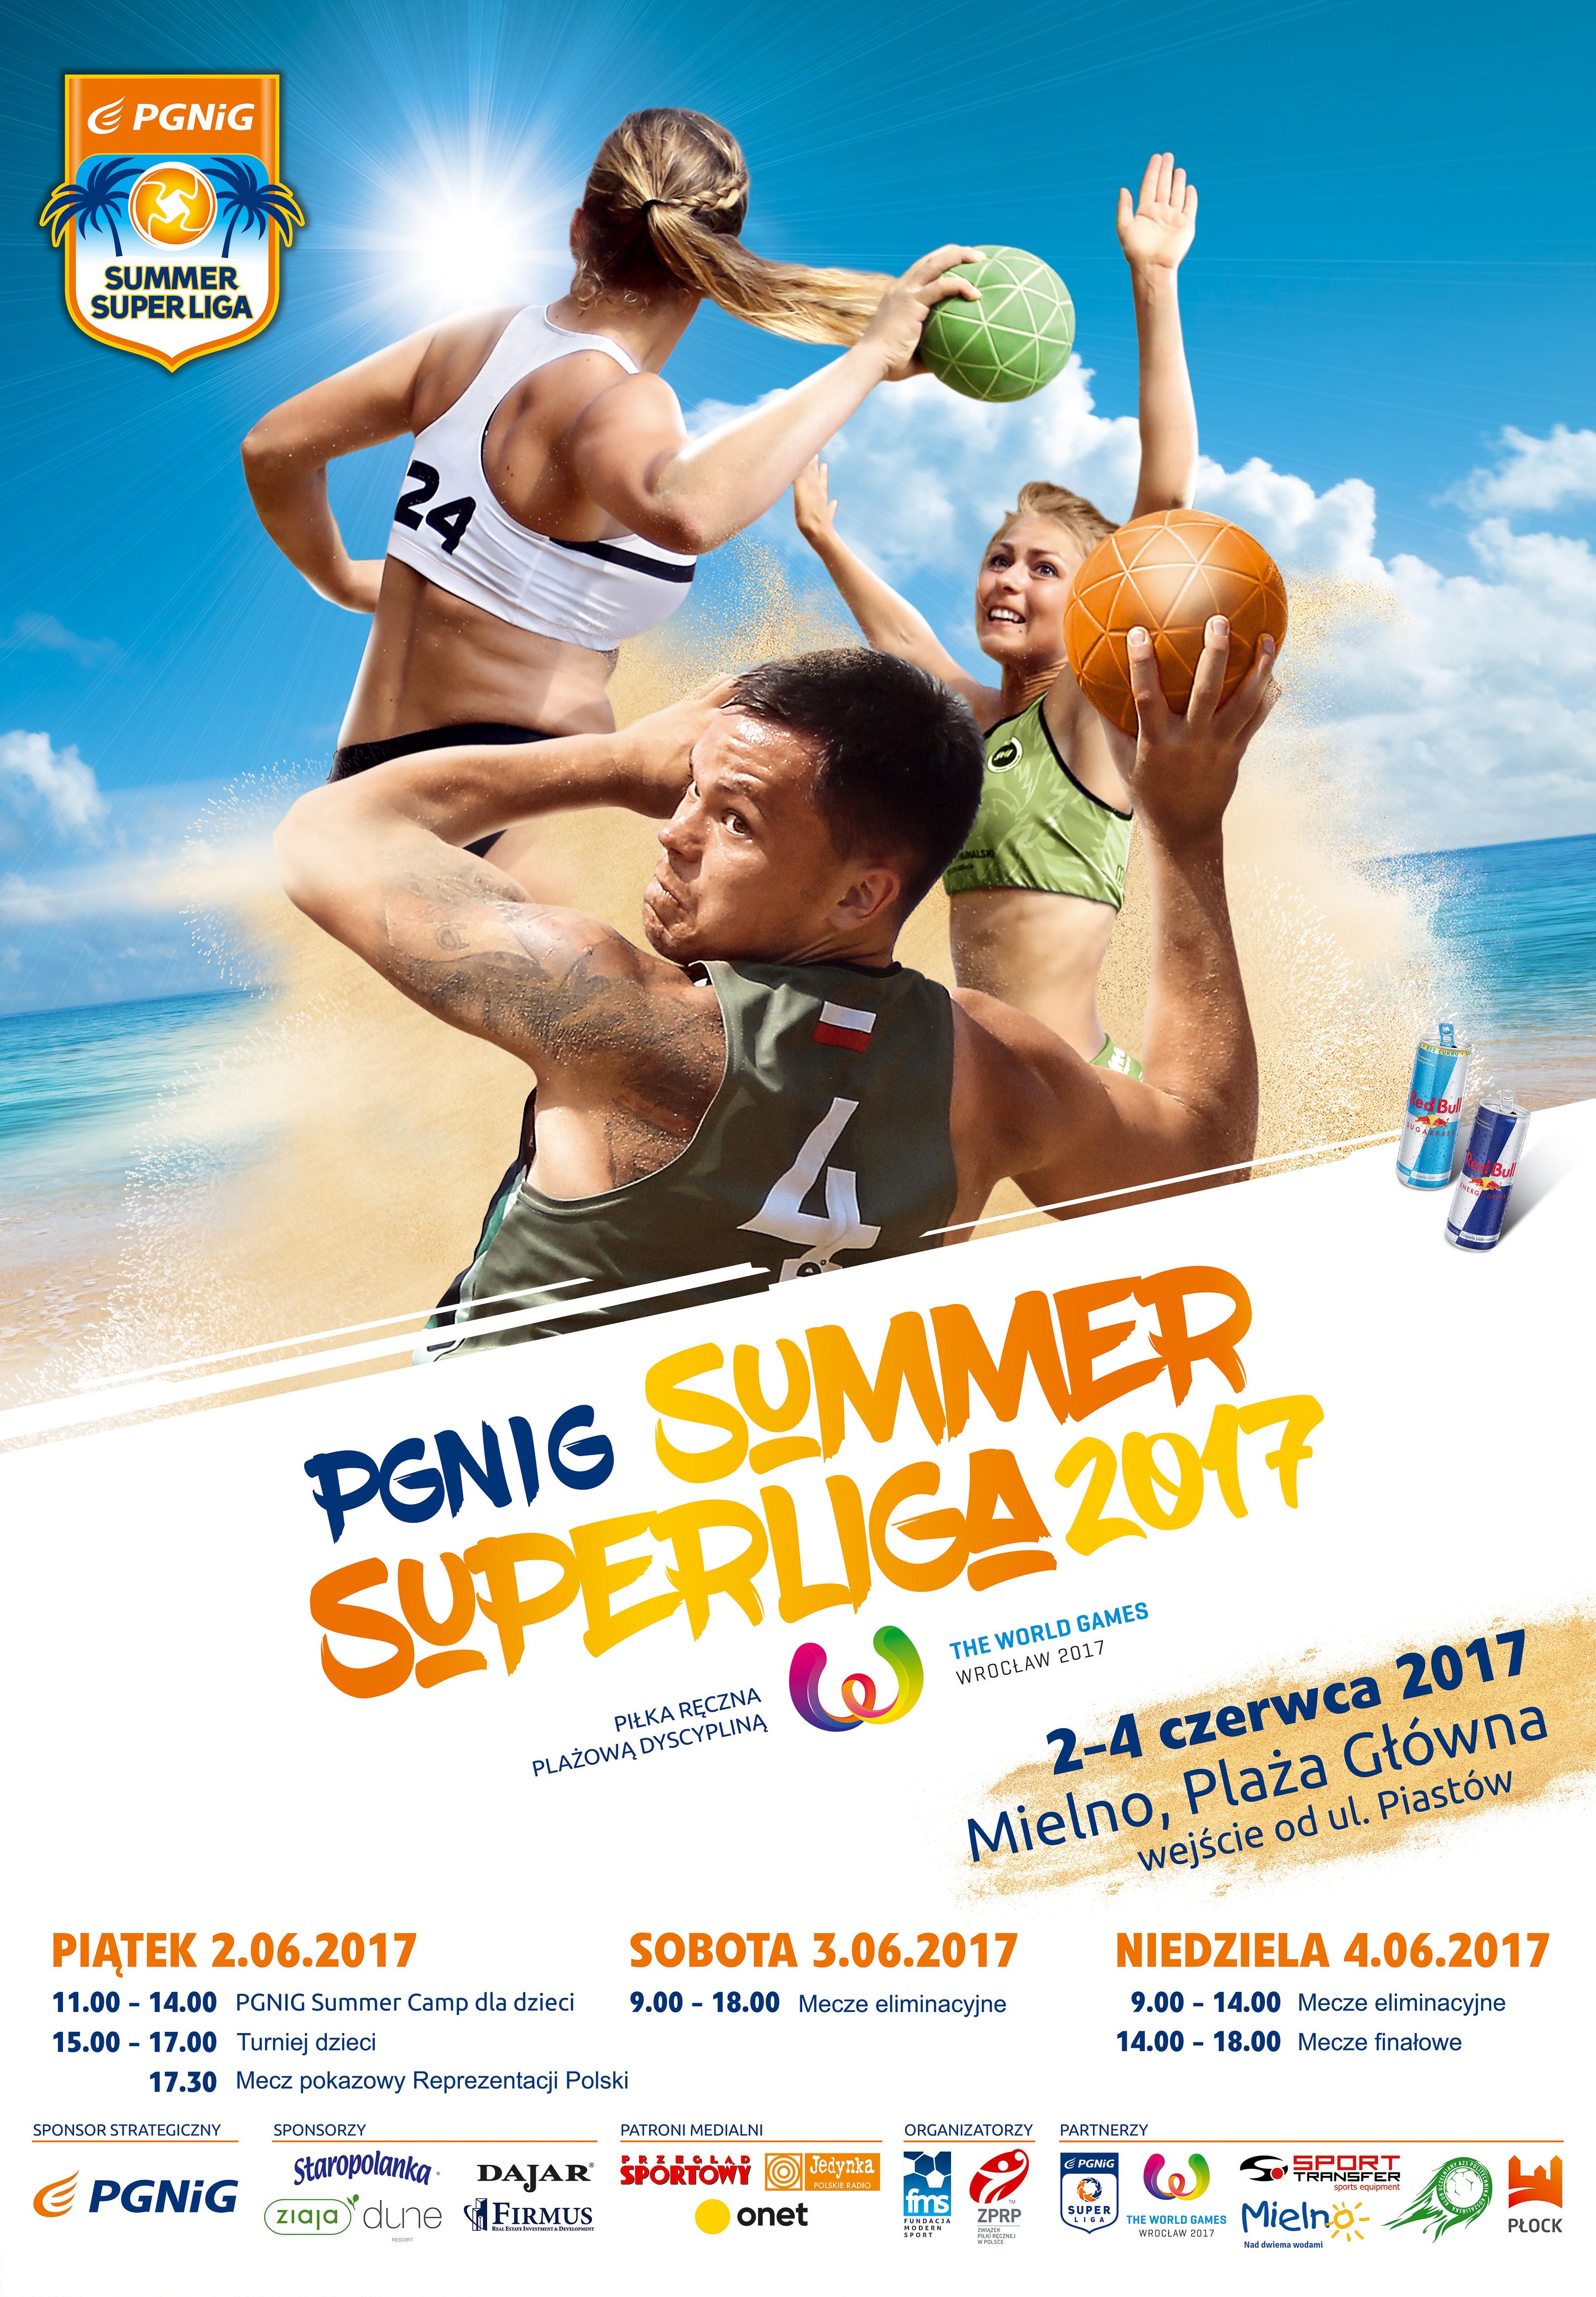 pgnig_kv_B1_summer_superliga-MIELNO-m (1)